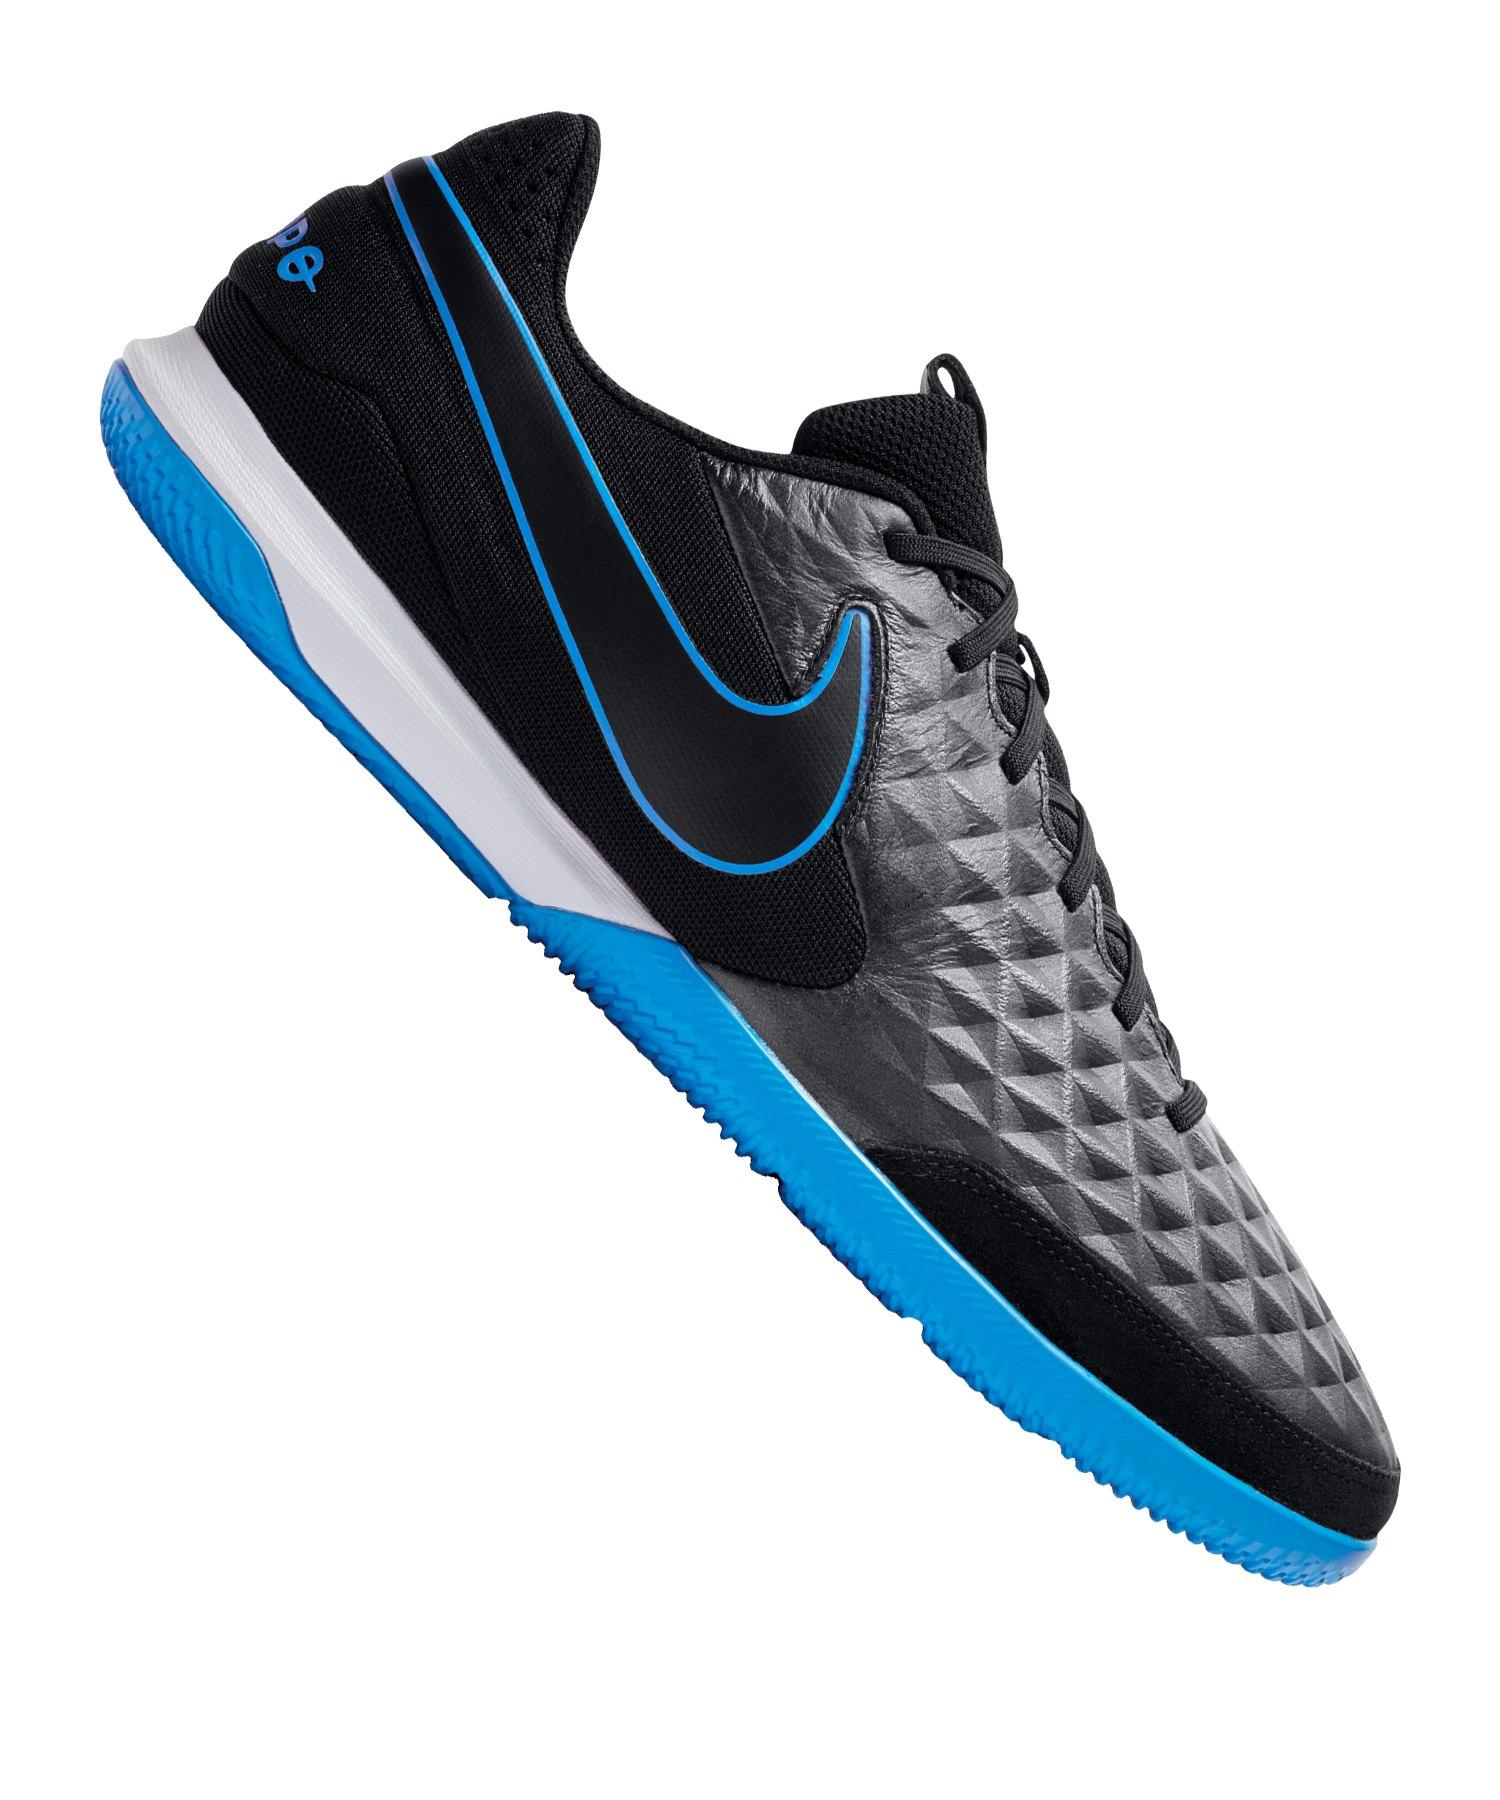 Sportschuhe Nike 37,5 schwarz Halle Schulsport Fußball